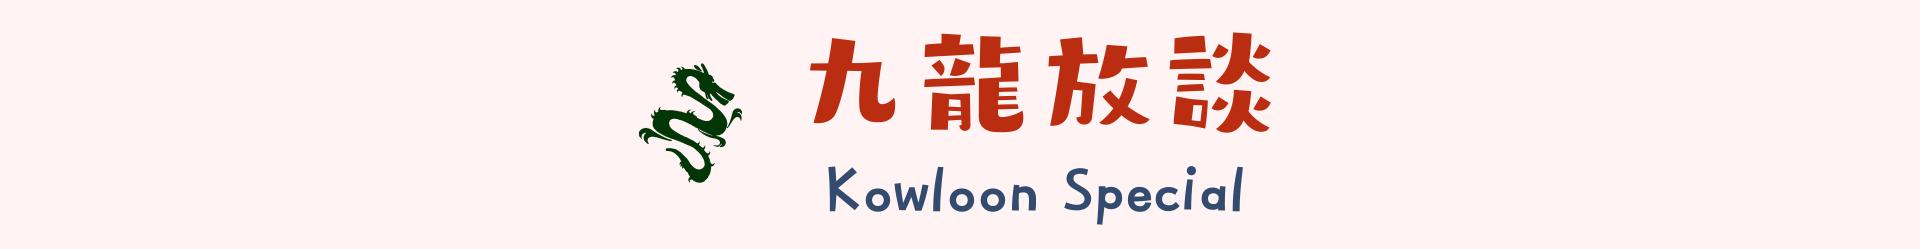 九龍放談 Kowloon Special